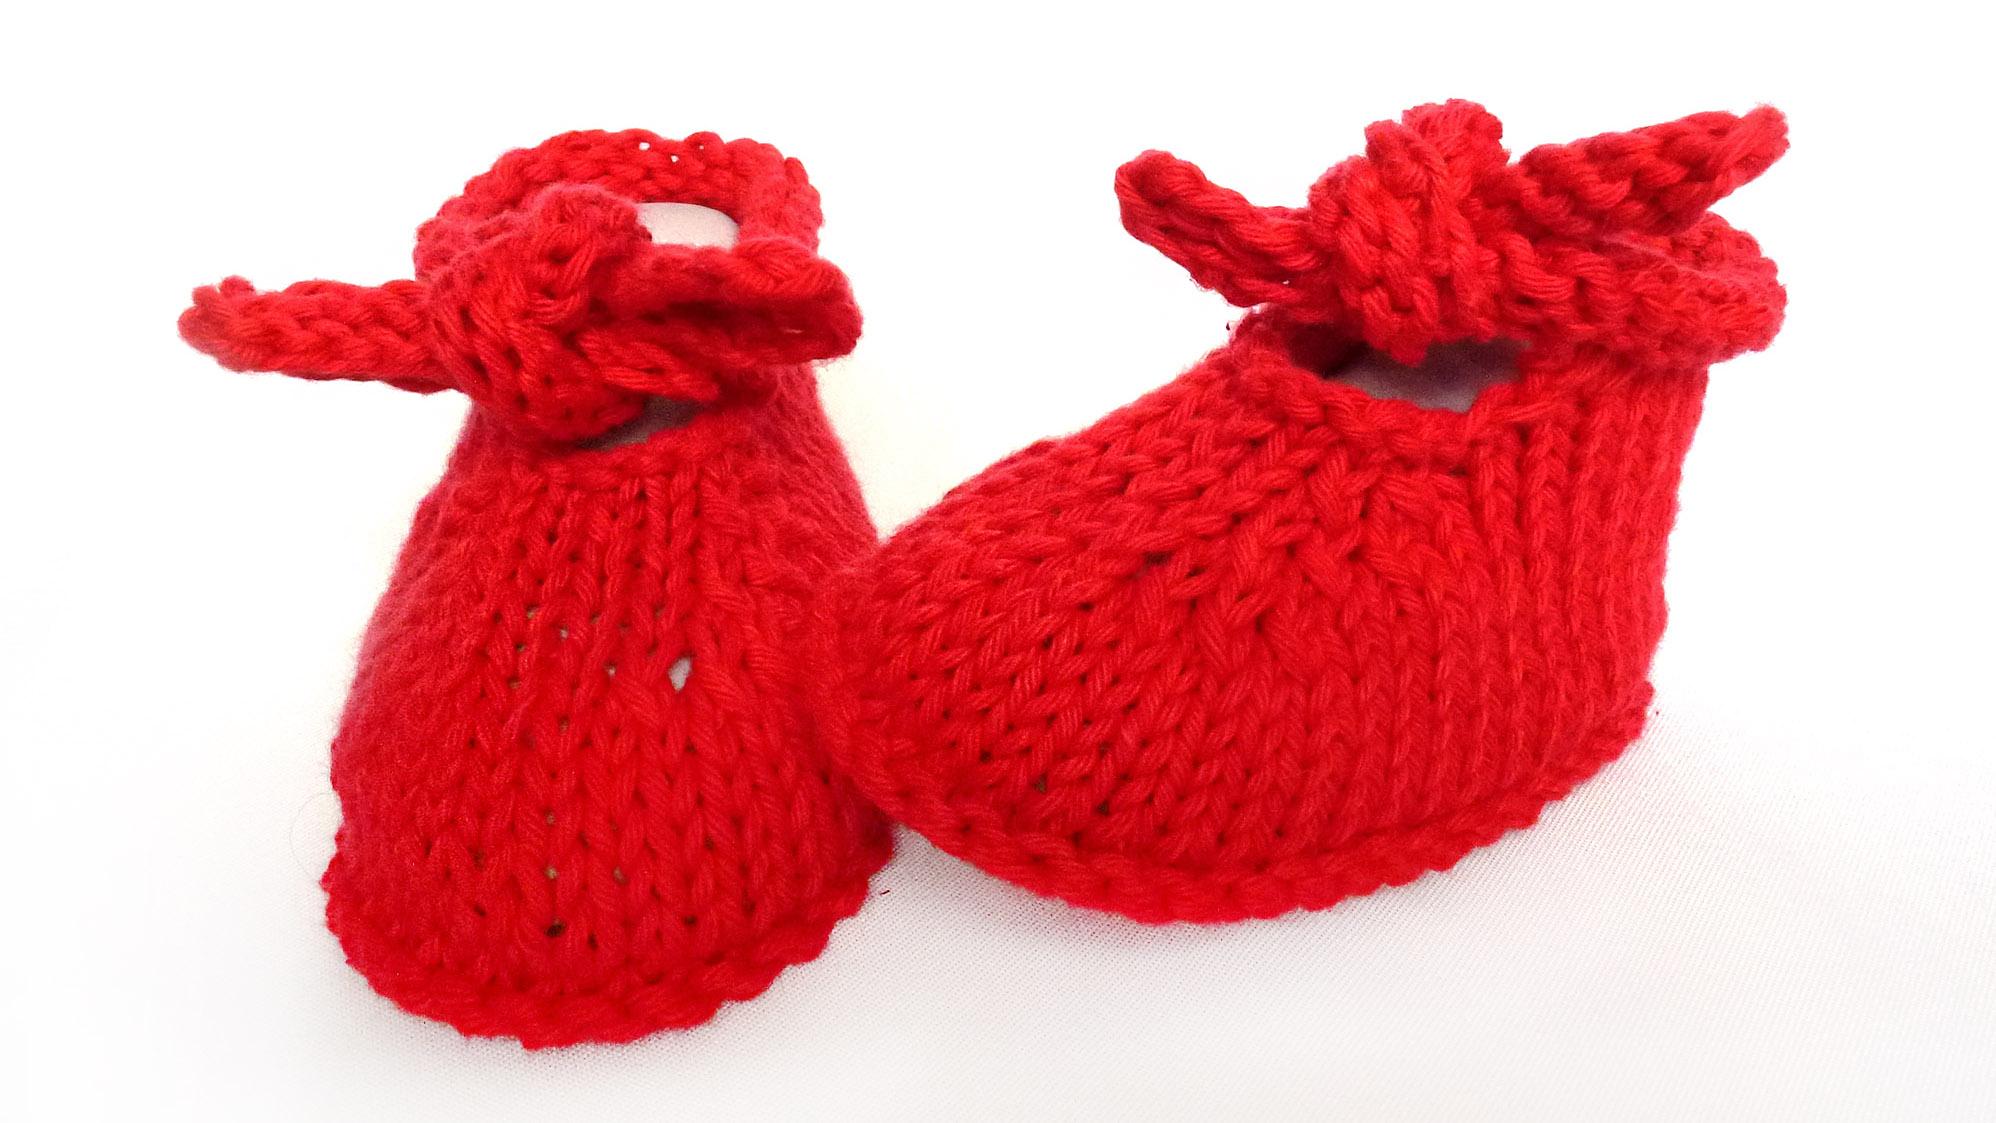 Griottes - Chaussons bébé en coton rouge T 3 mois - tricot